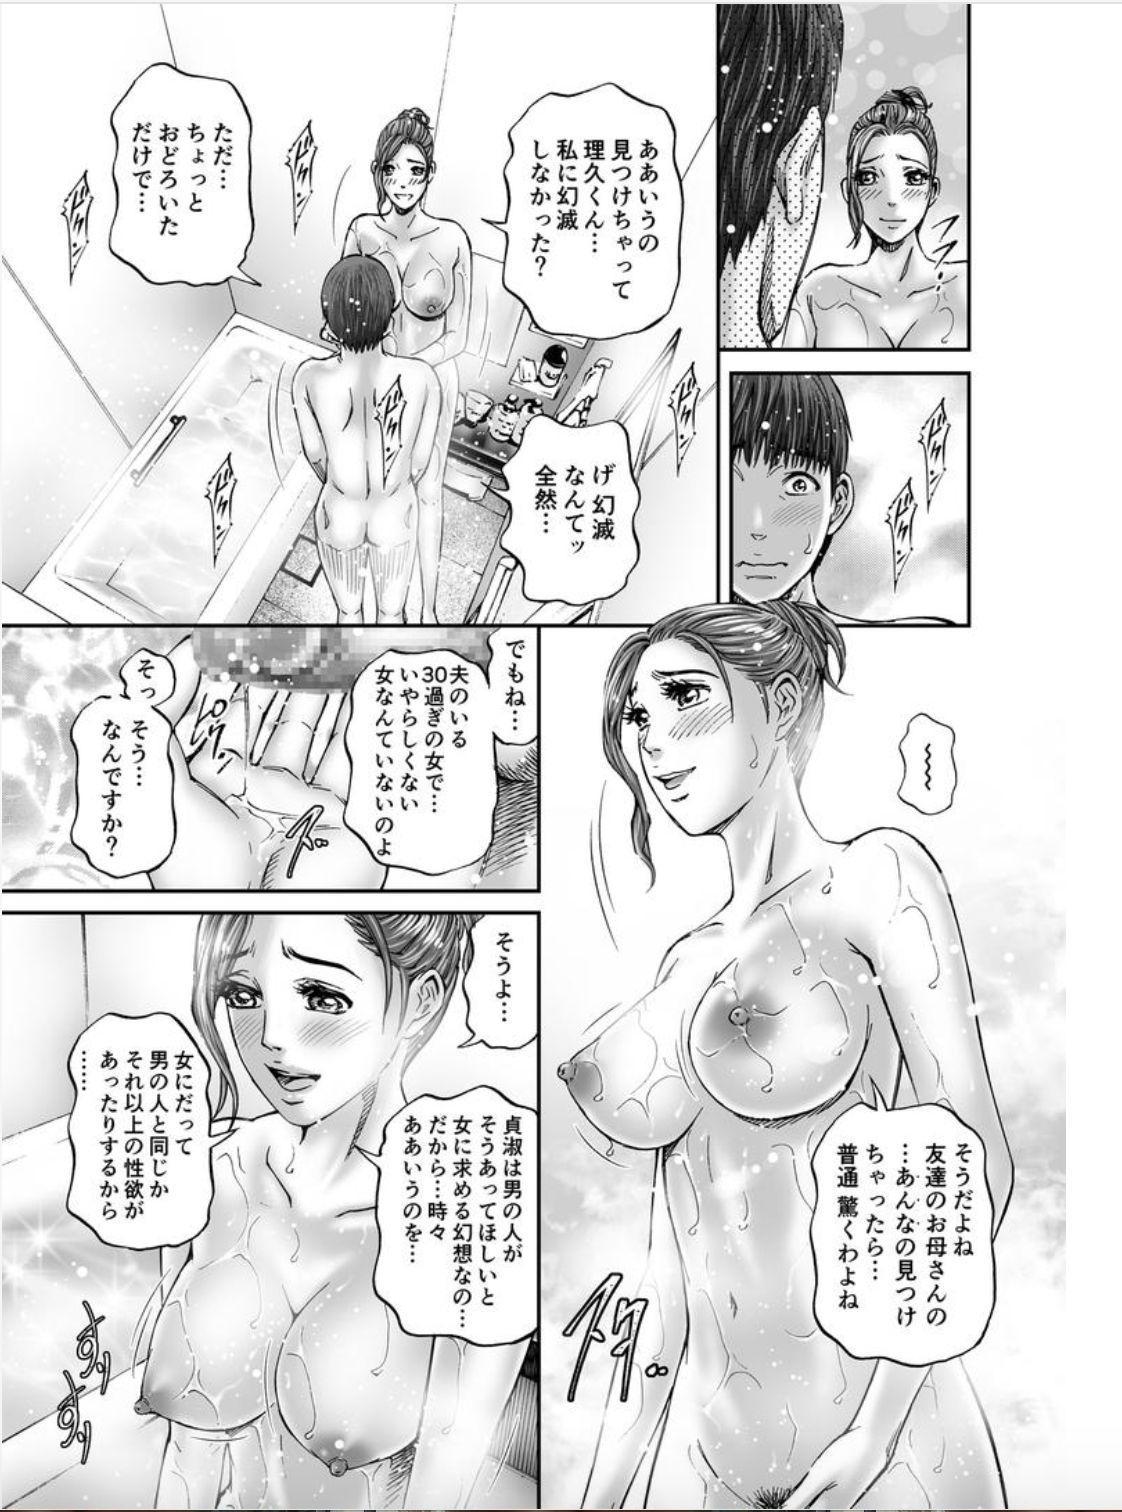 Seisyoku Dance Hitodzuma no chitsueki ni mamirete 1-2 22